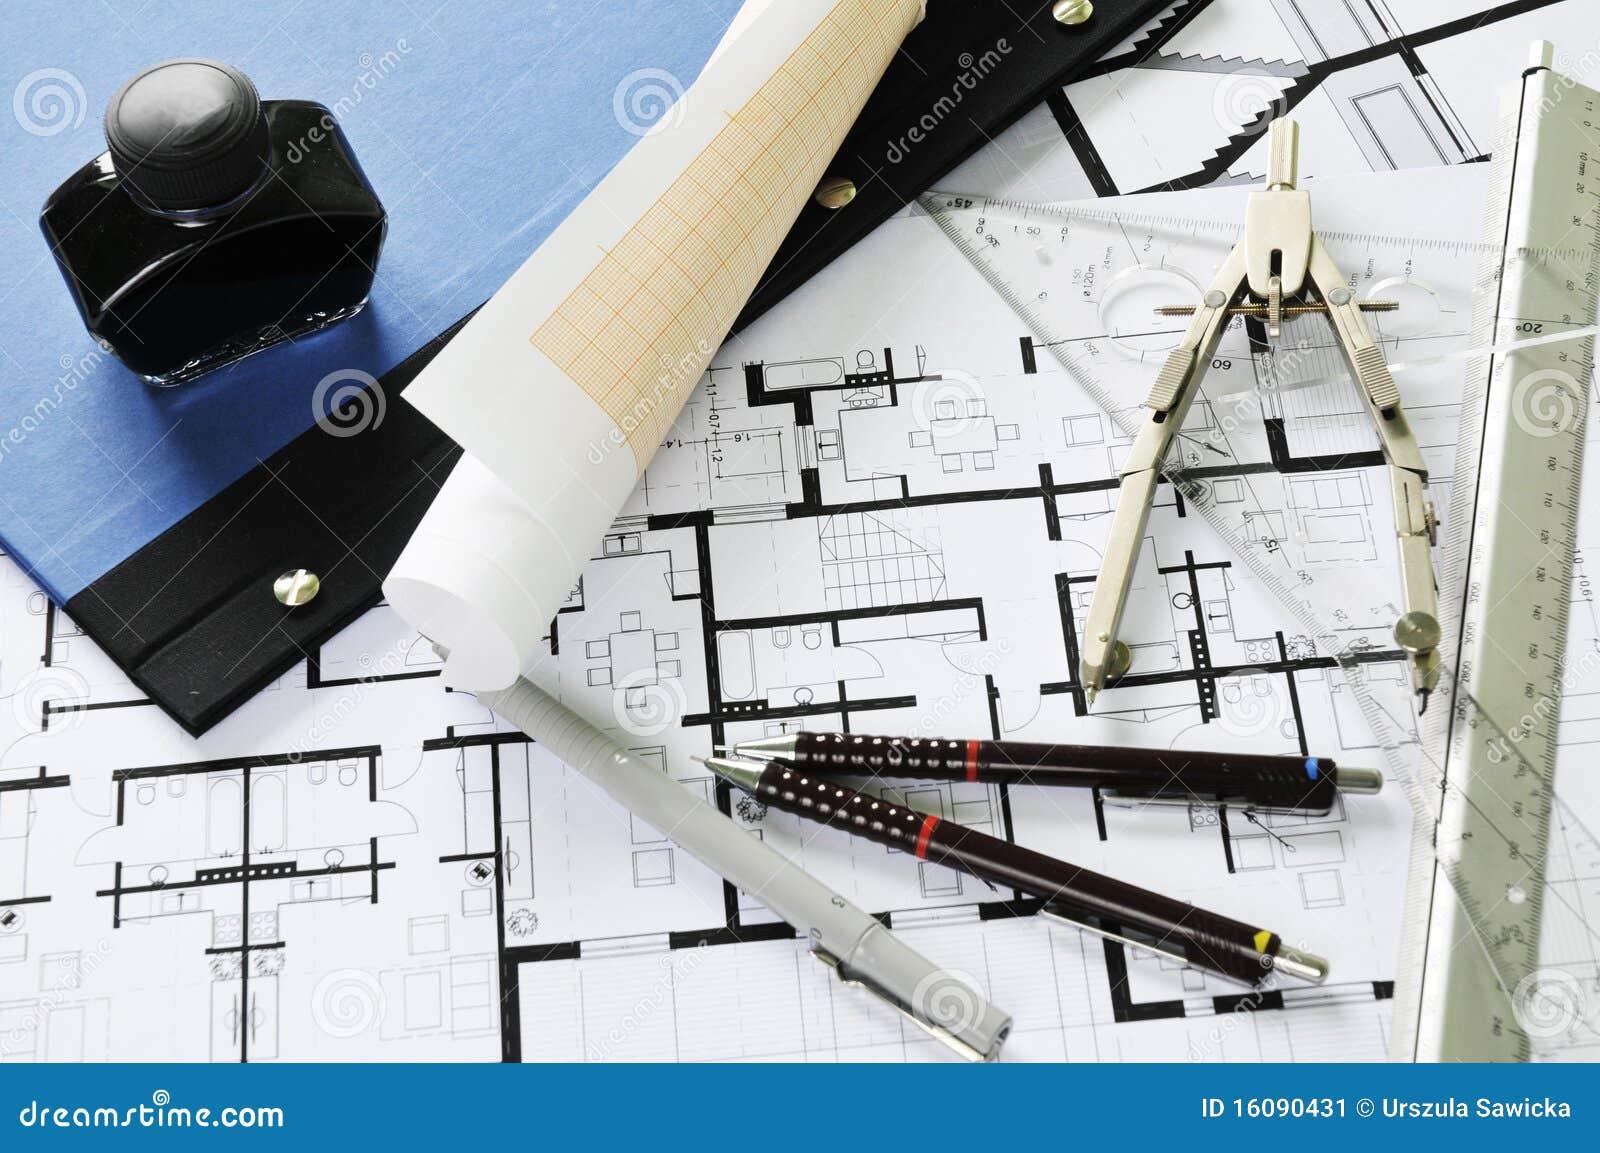 architekten schreibtisch und hilfsmittel stockbild bild. Black Bedroom Furniture Sets. Home Design Ideas